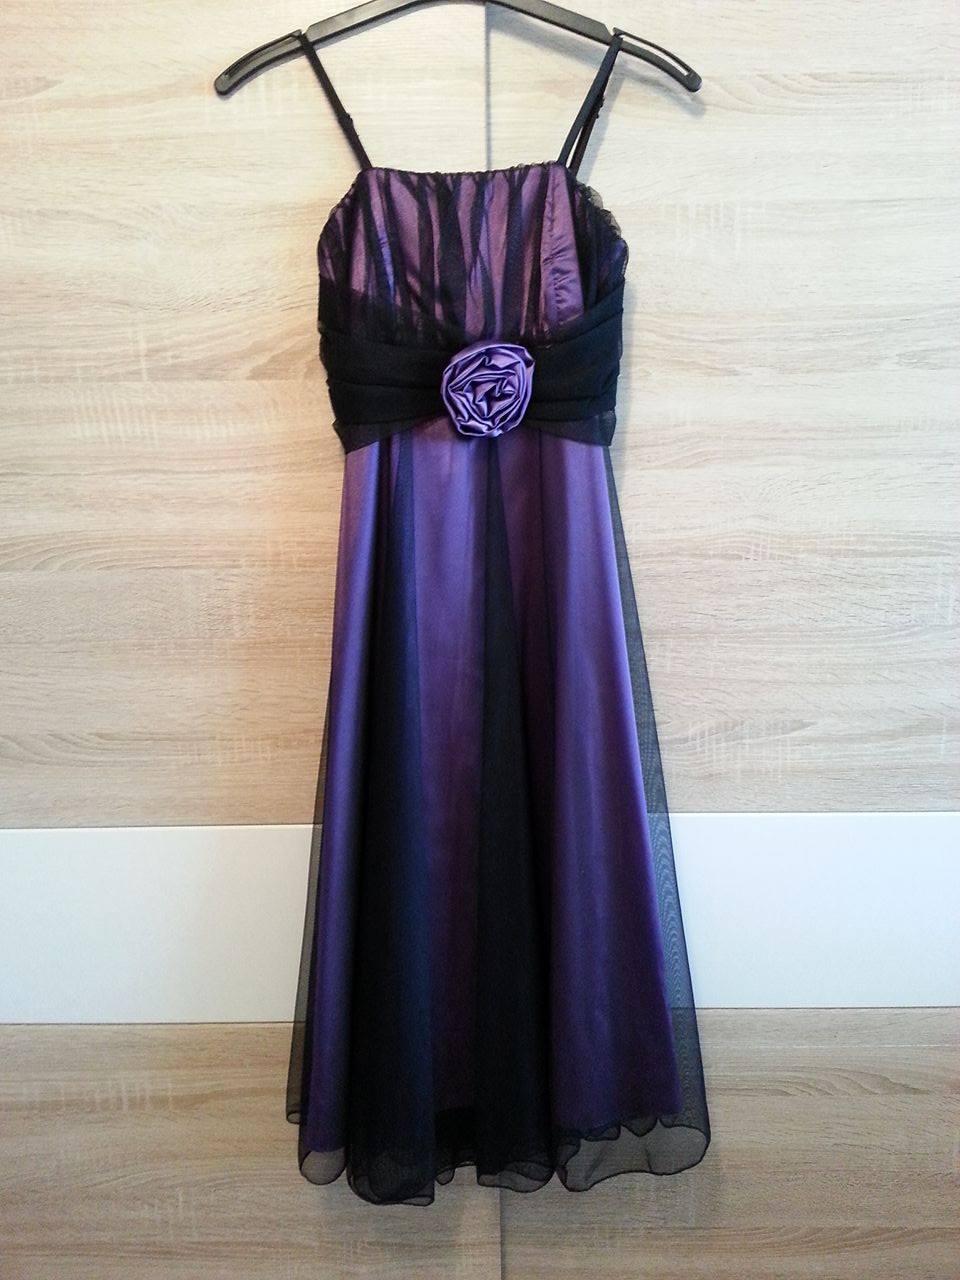 Fialovo-čierne jednoduché šaty s ružičkou e60818f71f7